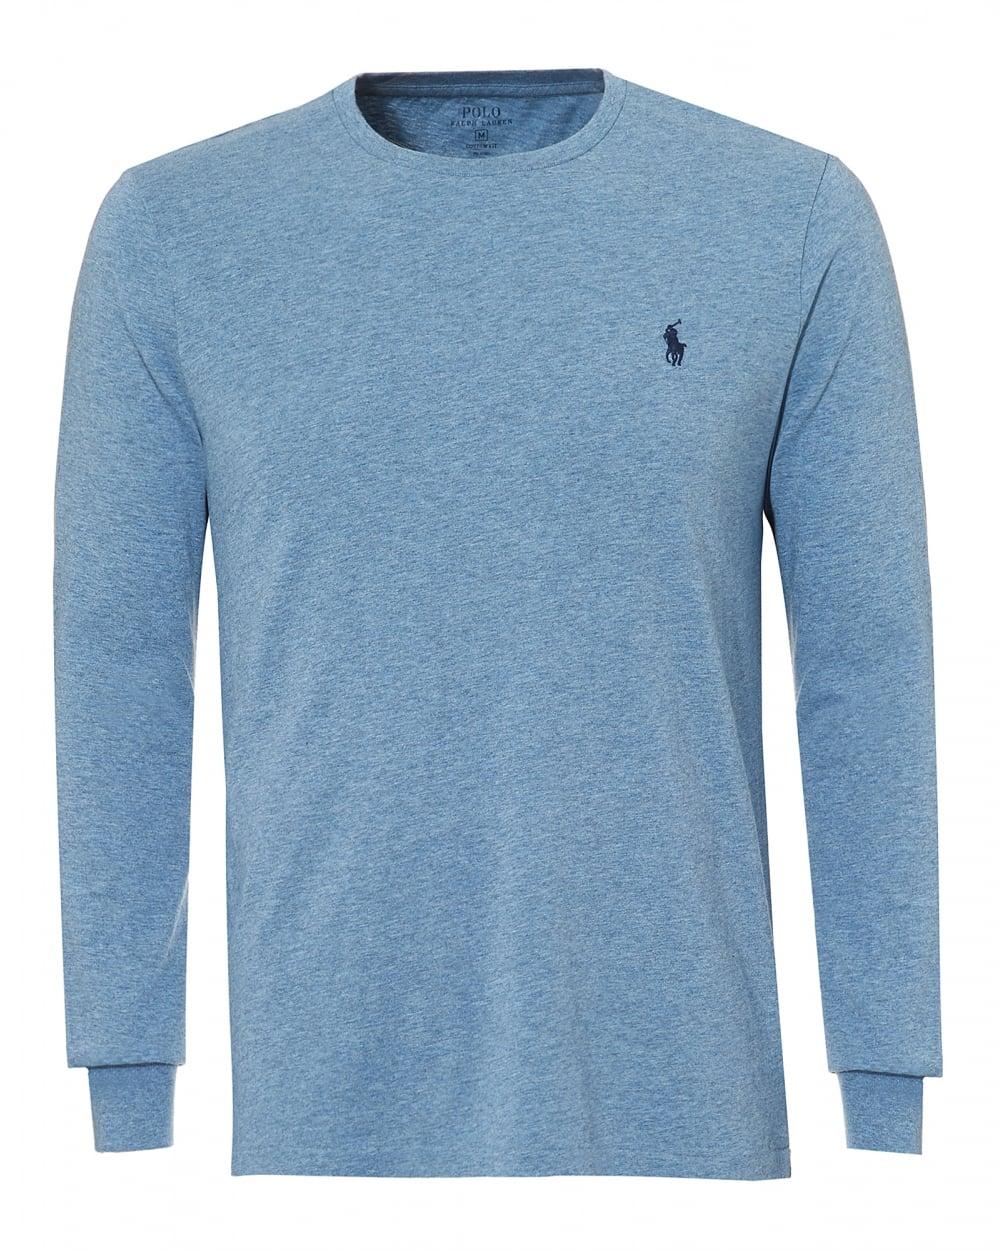 Ralph Lauren Mens Long Sleeved T-Shirt 58fe70321e9